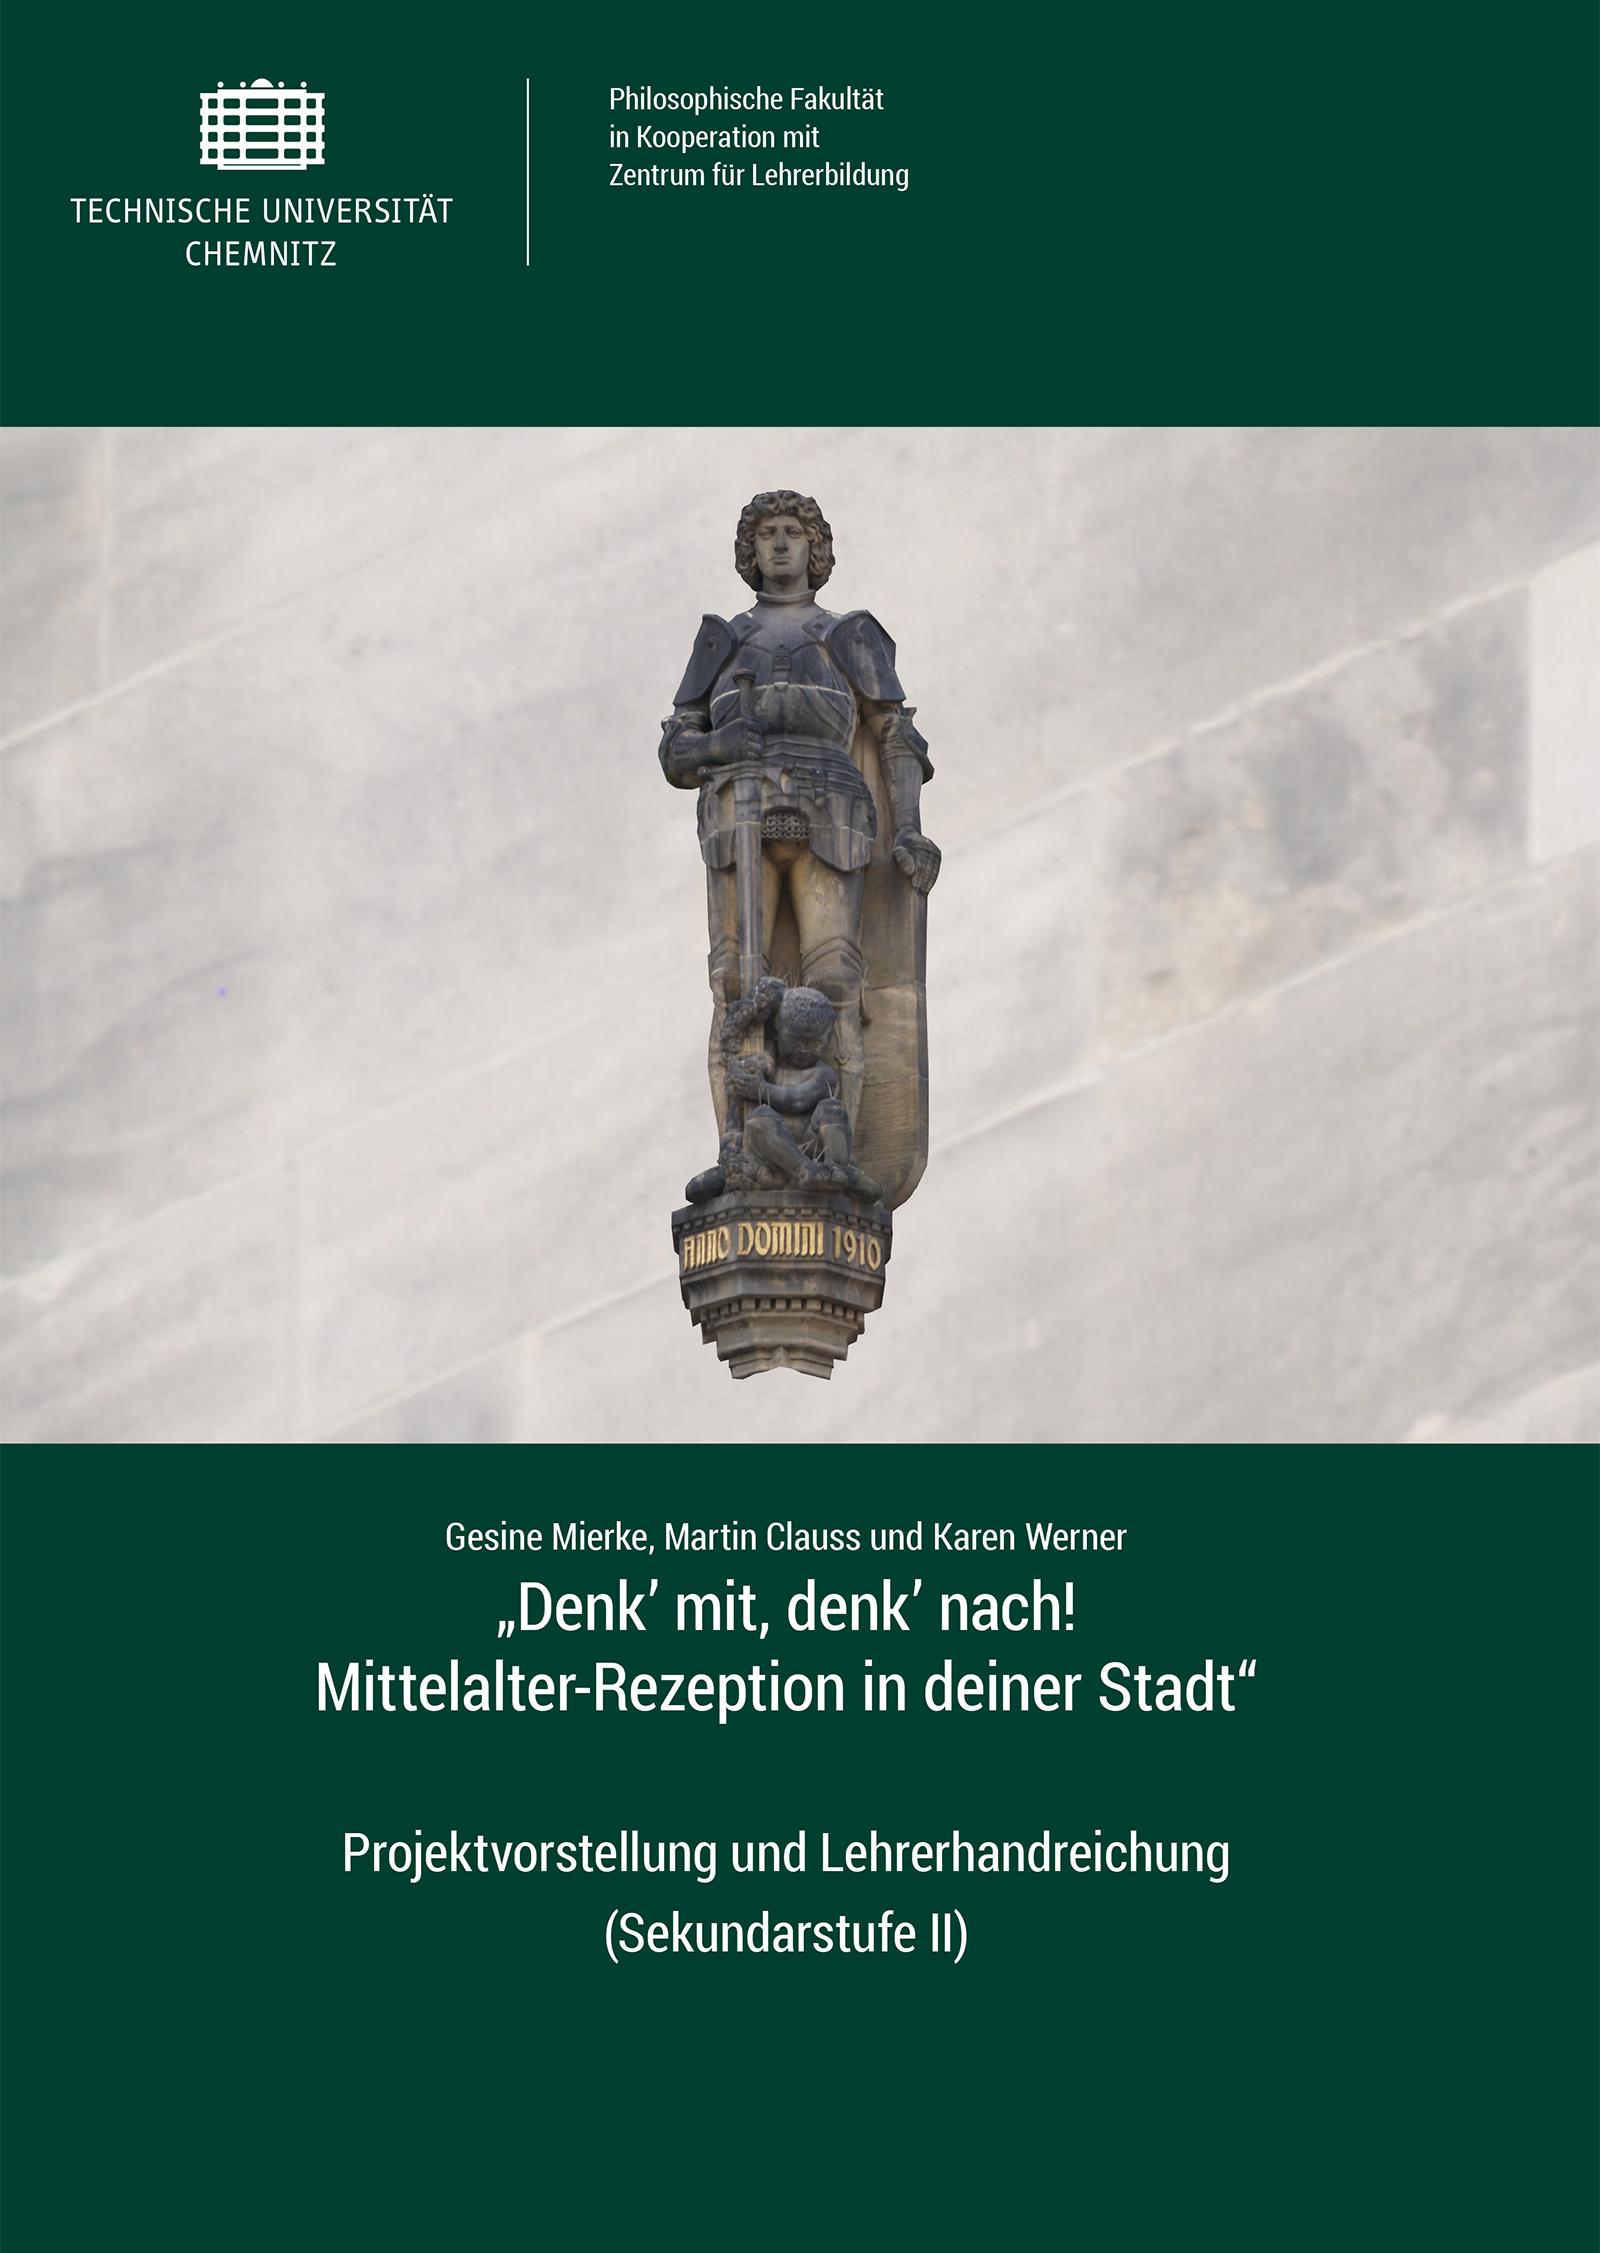 """Cover: """"Denk' mit, denk' nach! Mittelalter-Rezeption in deiner Stadt"""" : Projektvorstellung und Lehrerhandreichung (Sekundarstufe II) / Gesine Mierke, Martin Clauss und Karen Werner"""